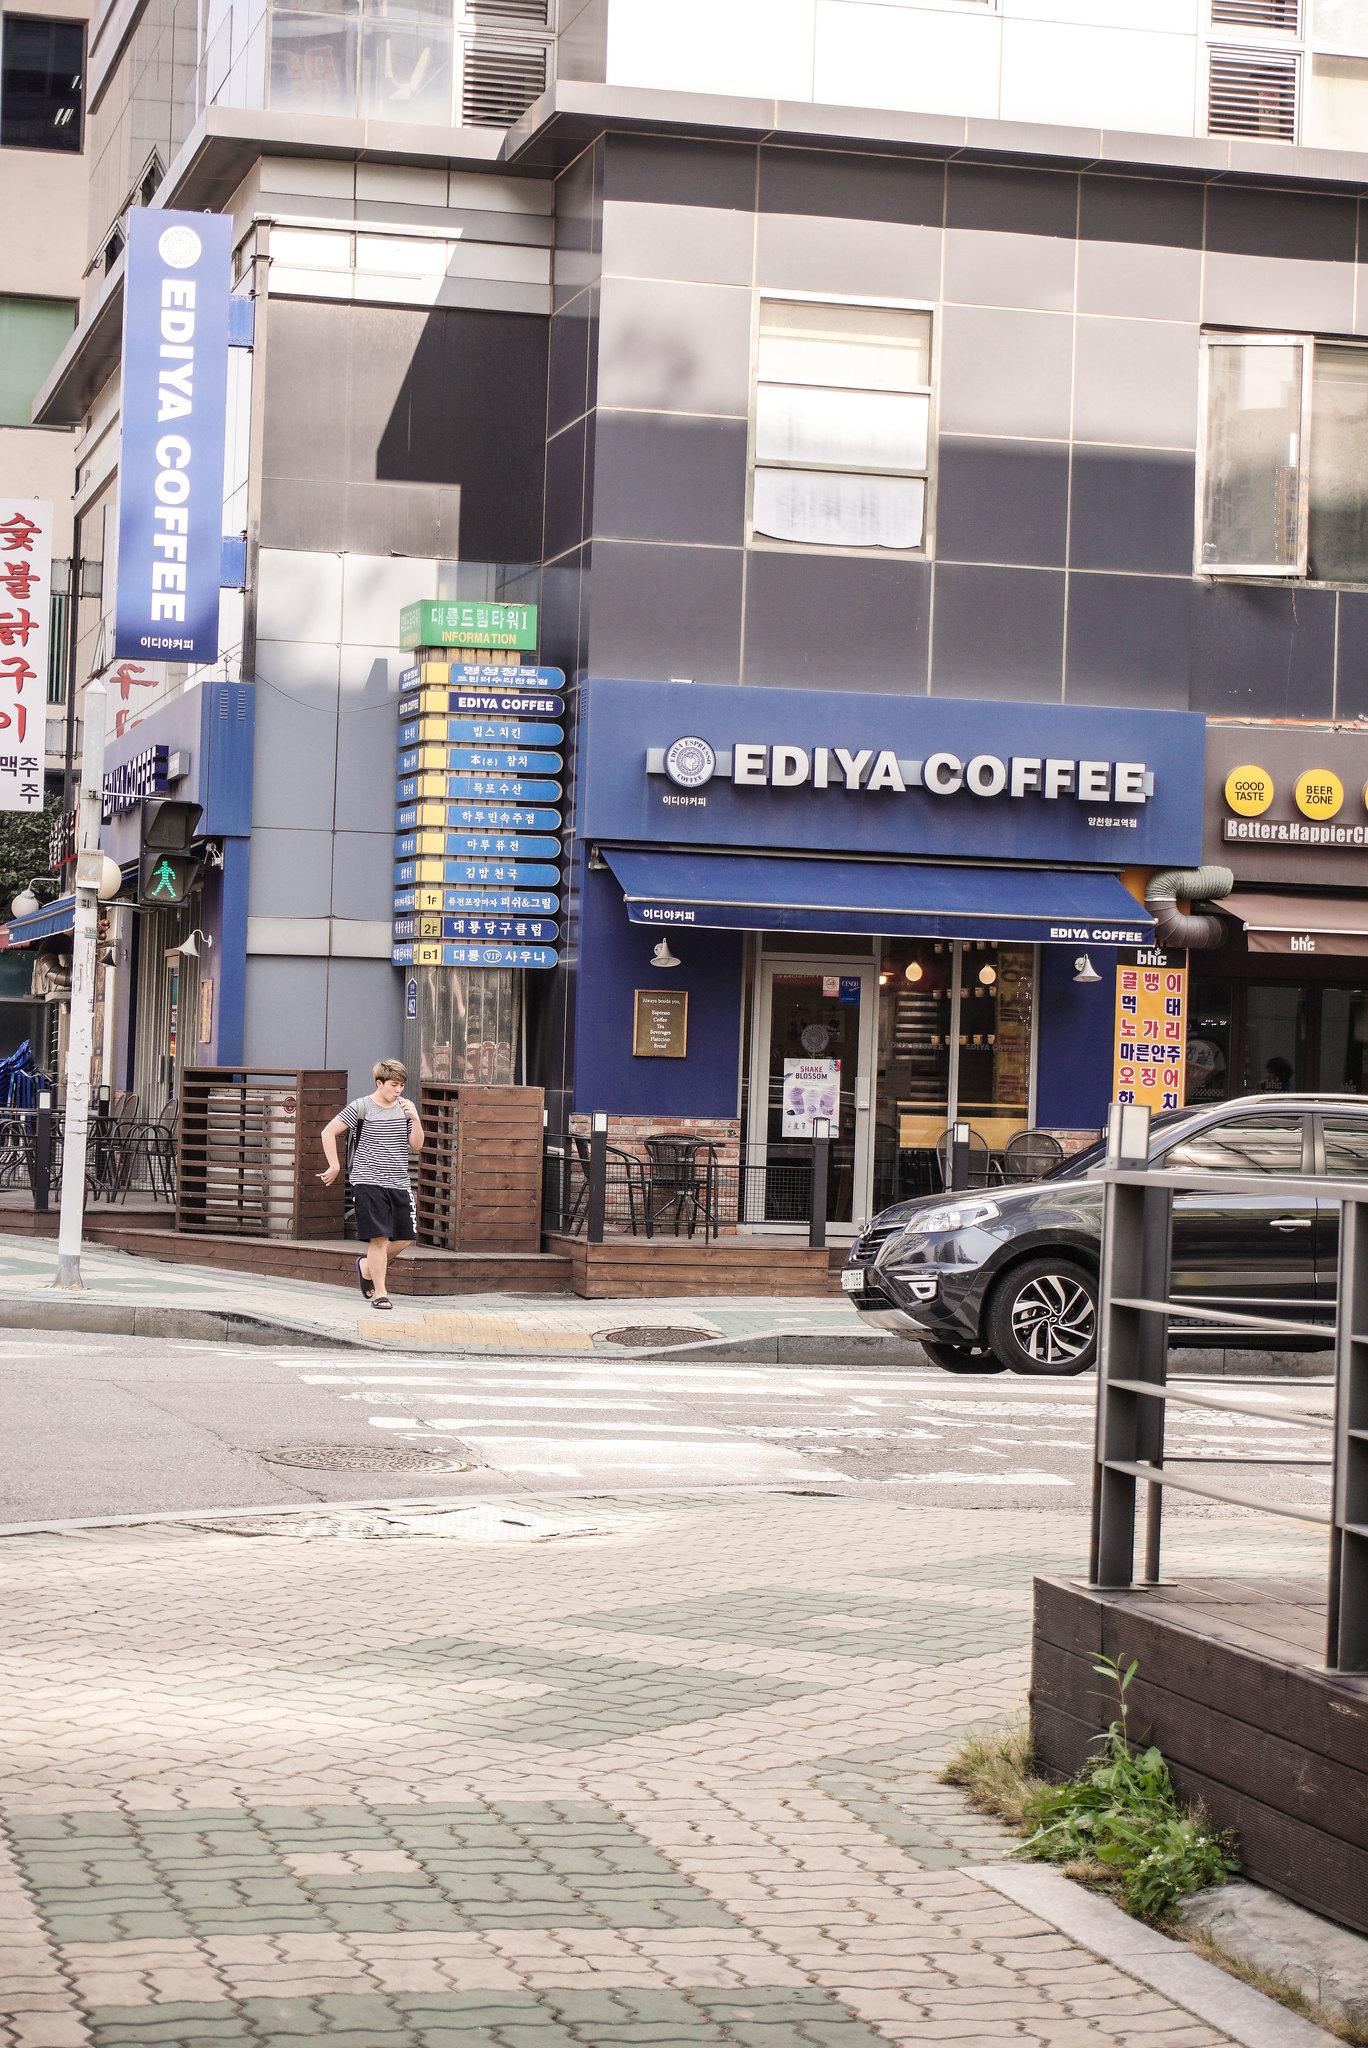 Yangcheon Hyanggyo